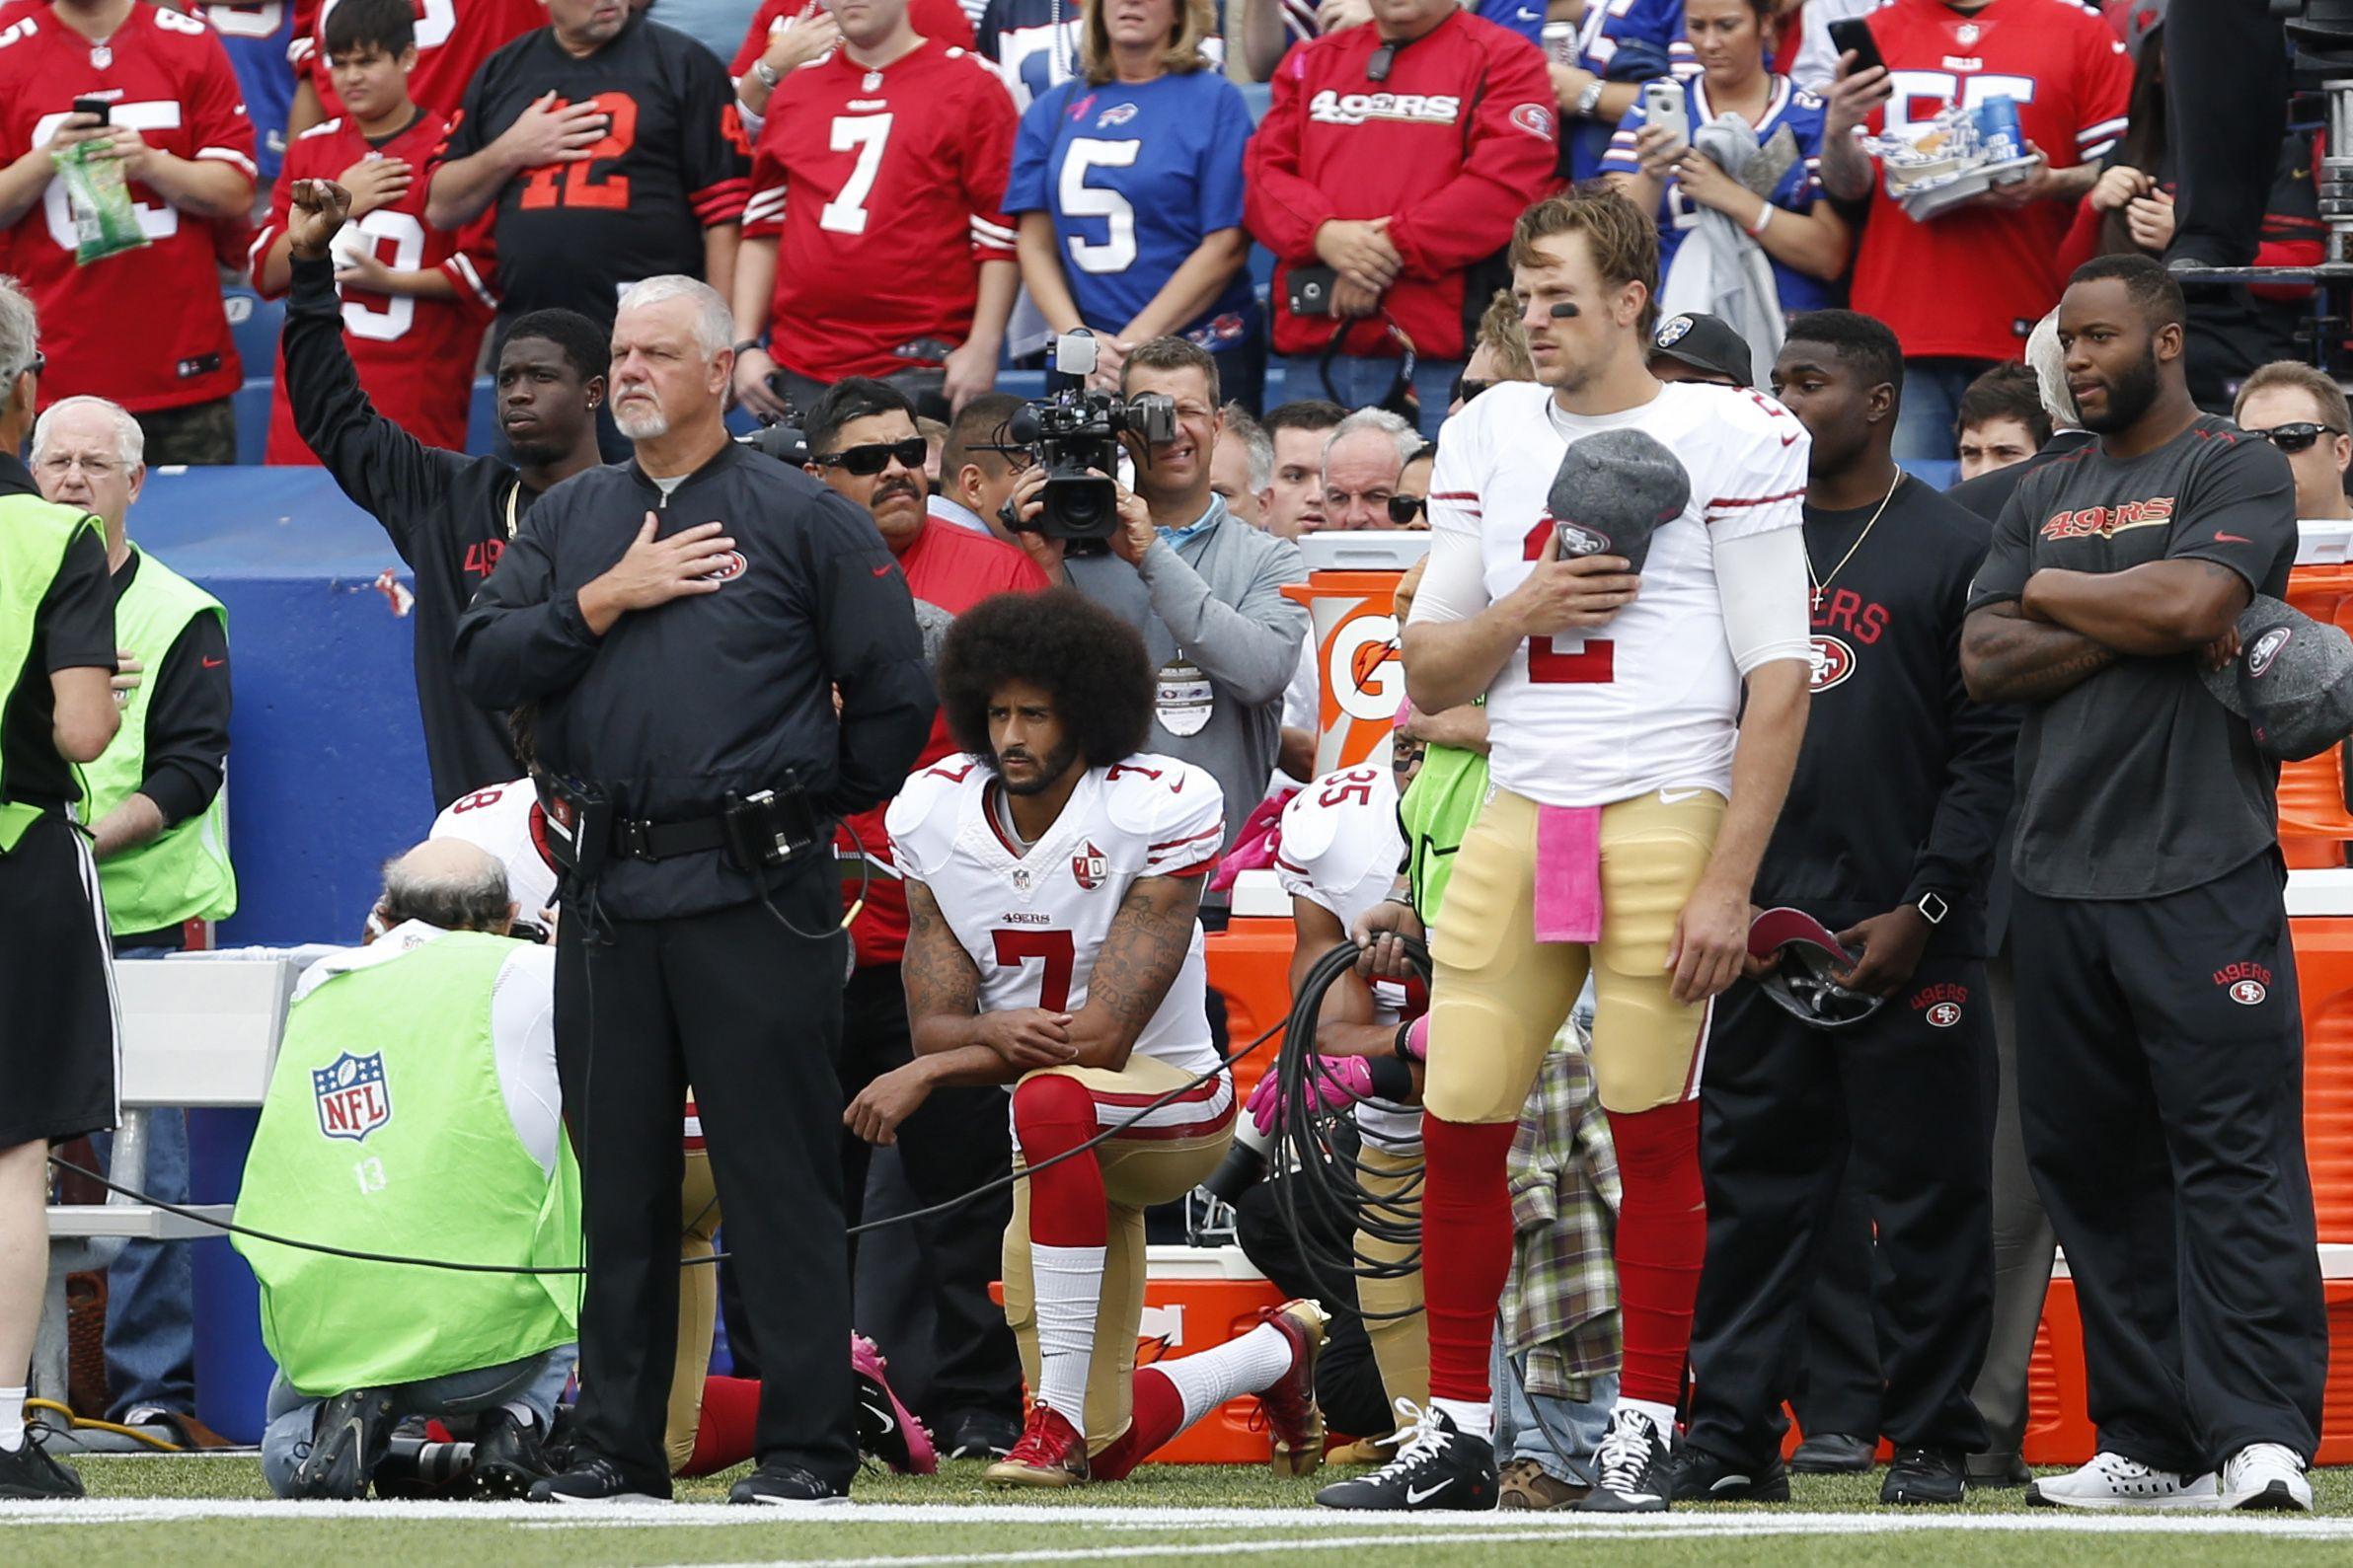 Loja de desporto que boicotou a Nike em protesto acabou na falência